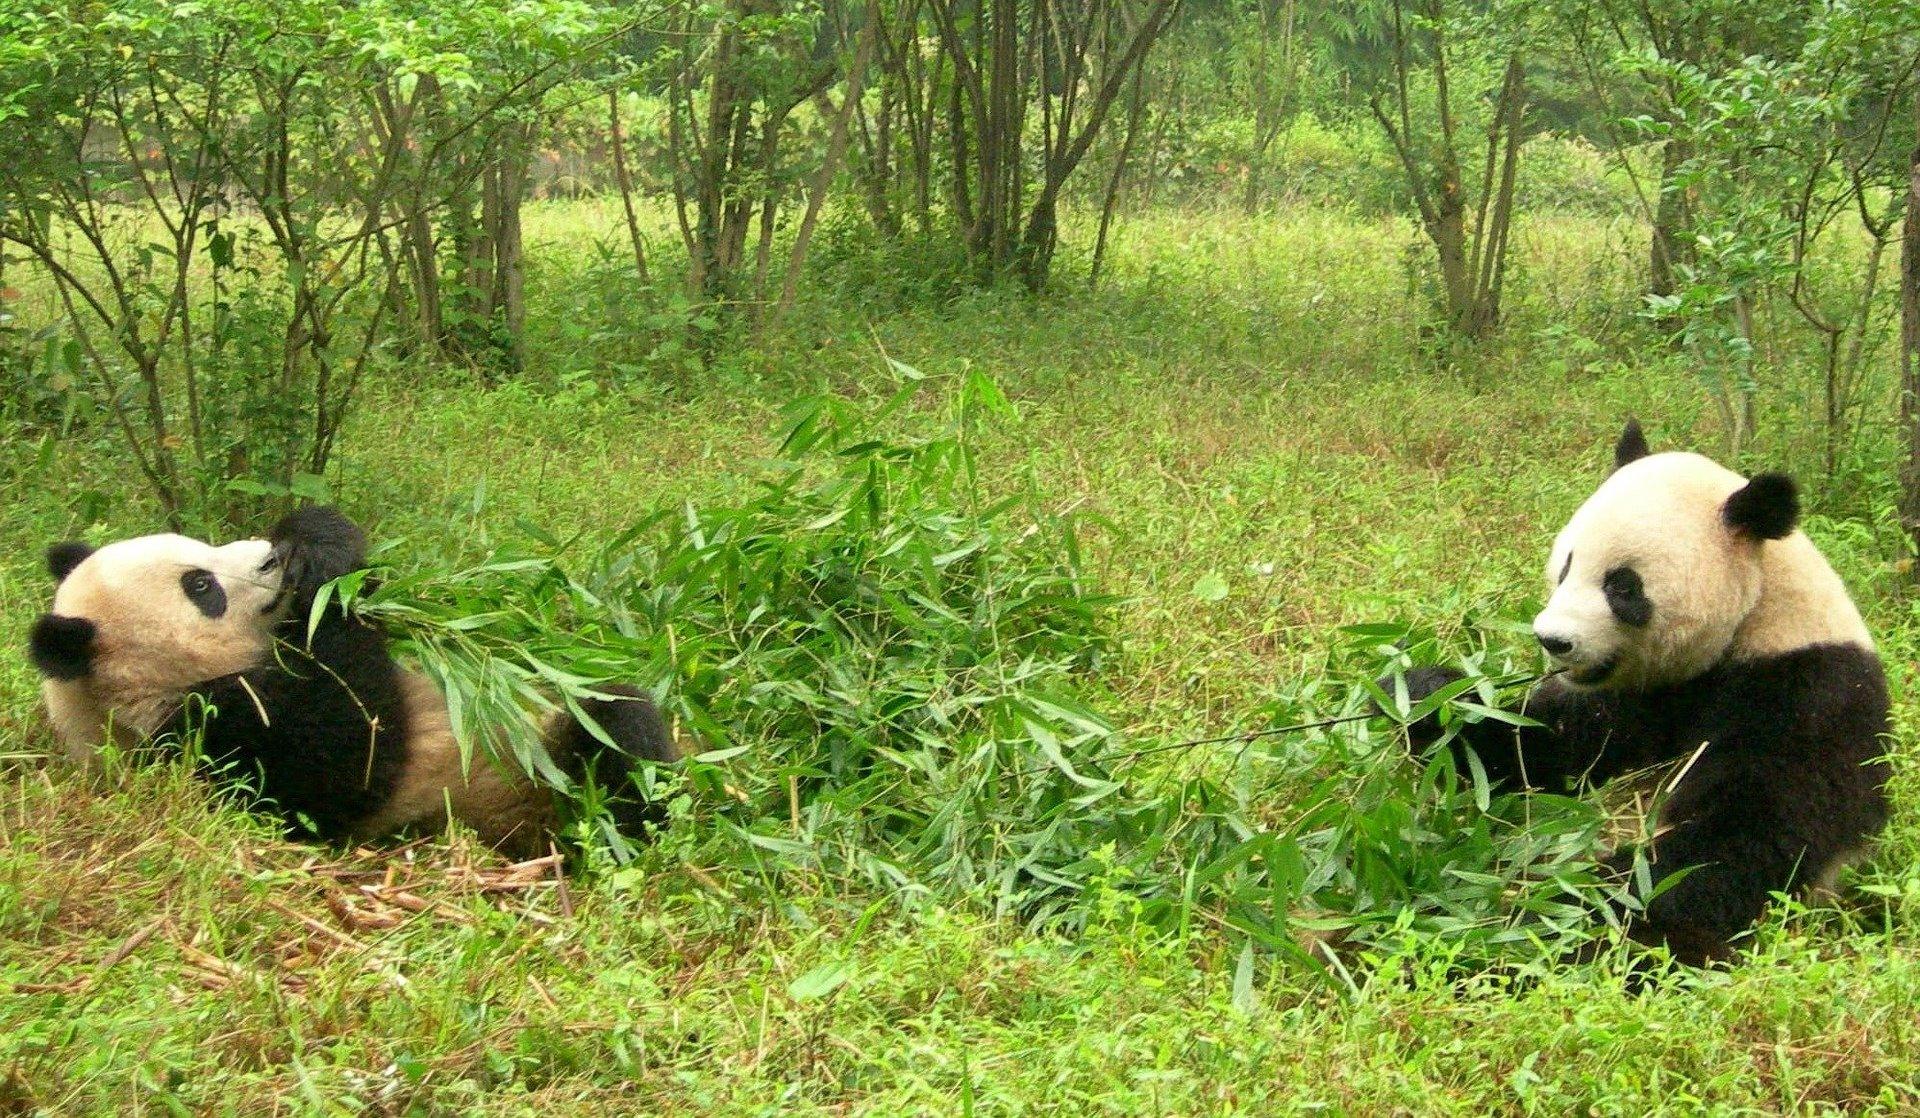 2 pandas eating 6 - pixabay.com:de:photos:pandas-zwei-pandas-china-sichuan-1347184:.jpg